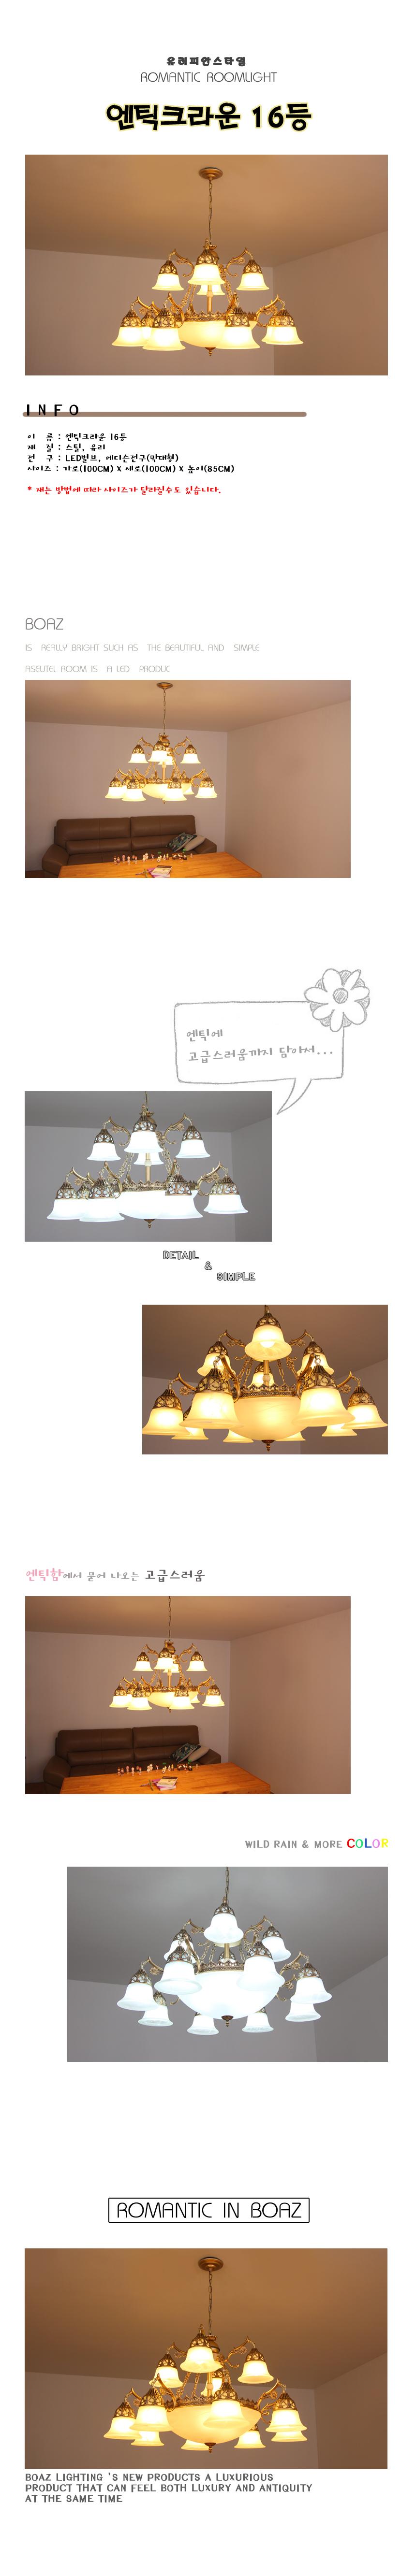 boaz 엔틱크라운 16등 방등 거실등 LED 인테리어 조명 - 보아스라이팅, 304,000원, 리빙조명, 방등/천장등